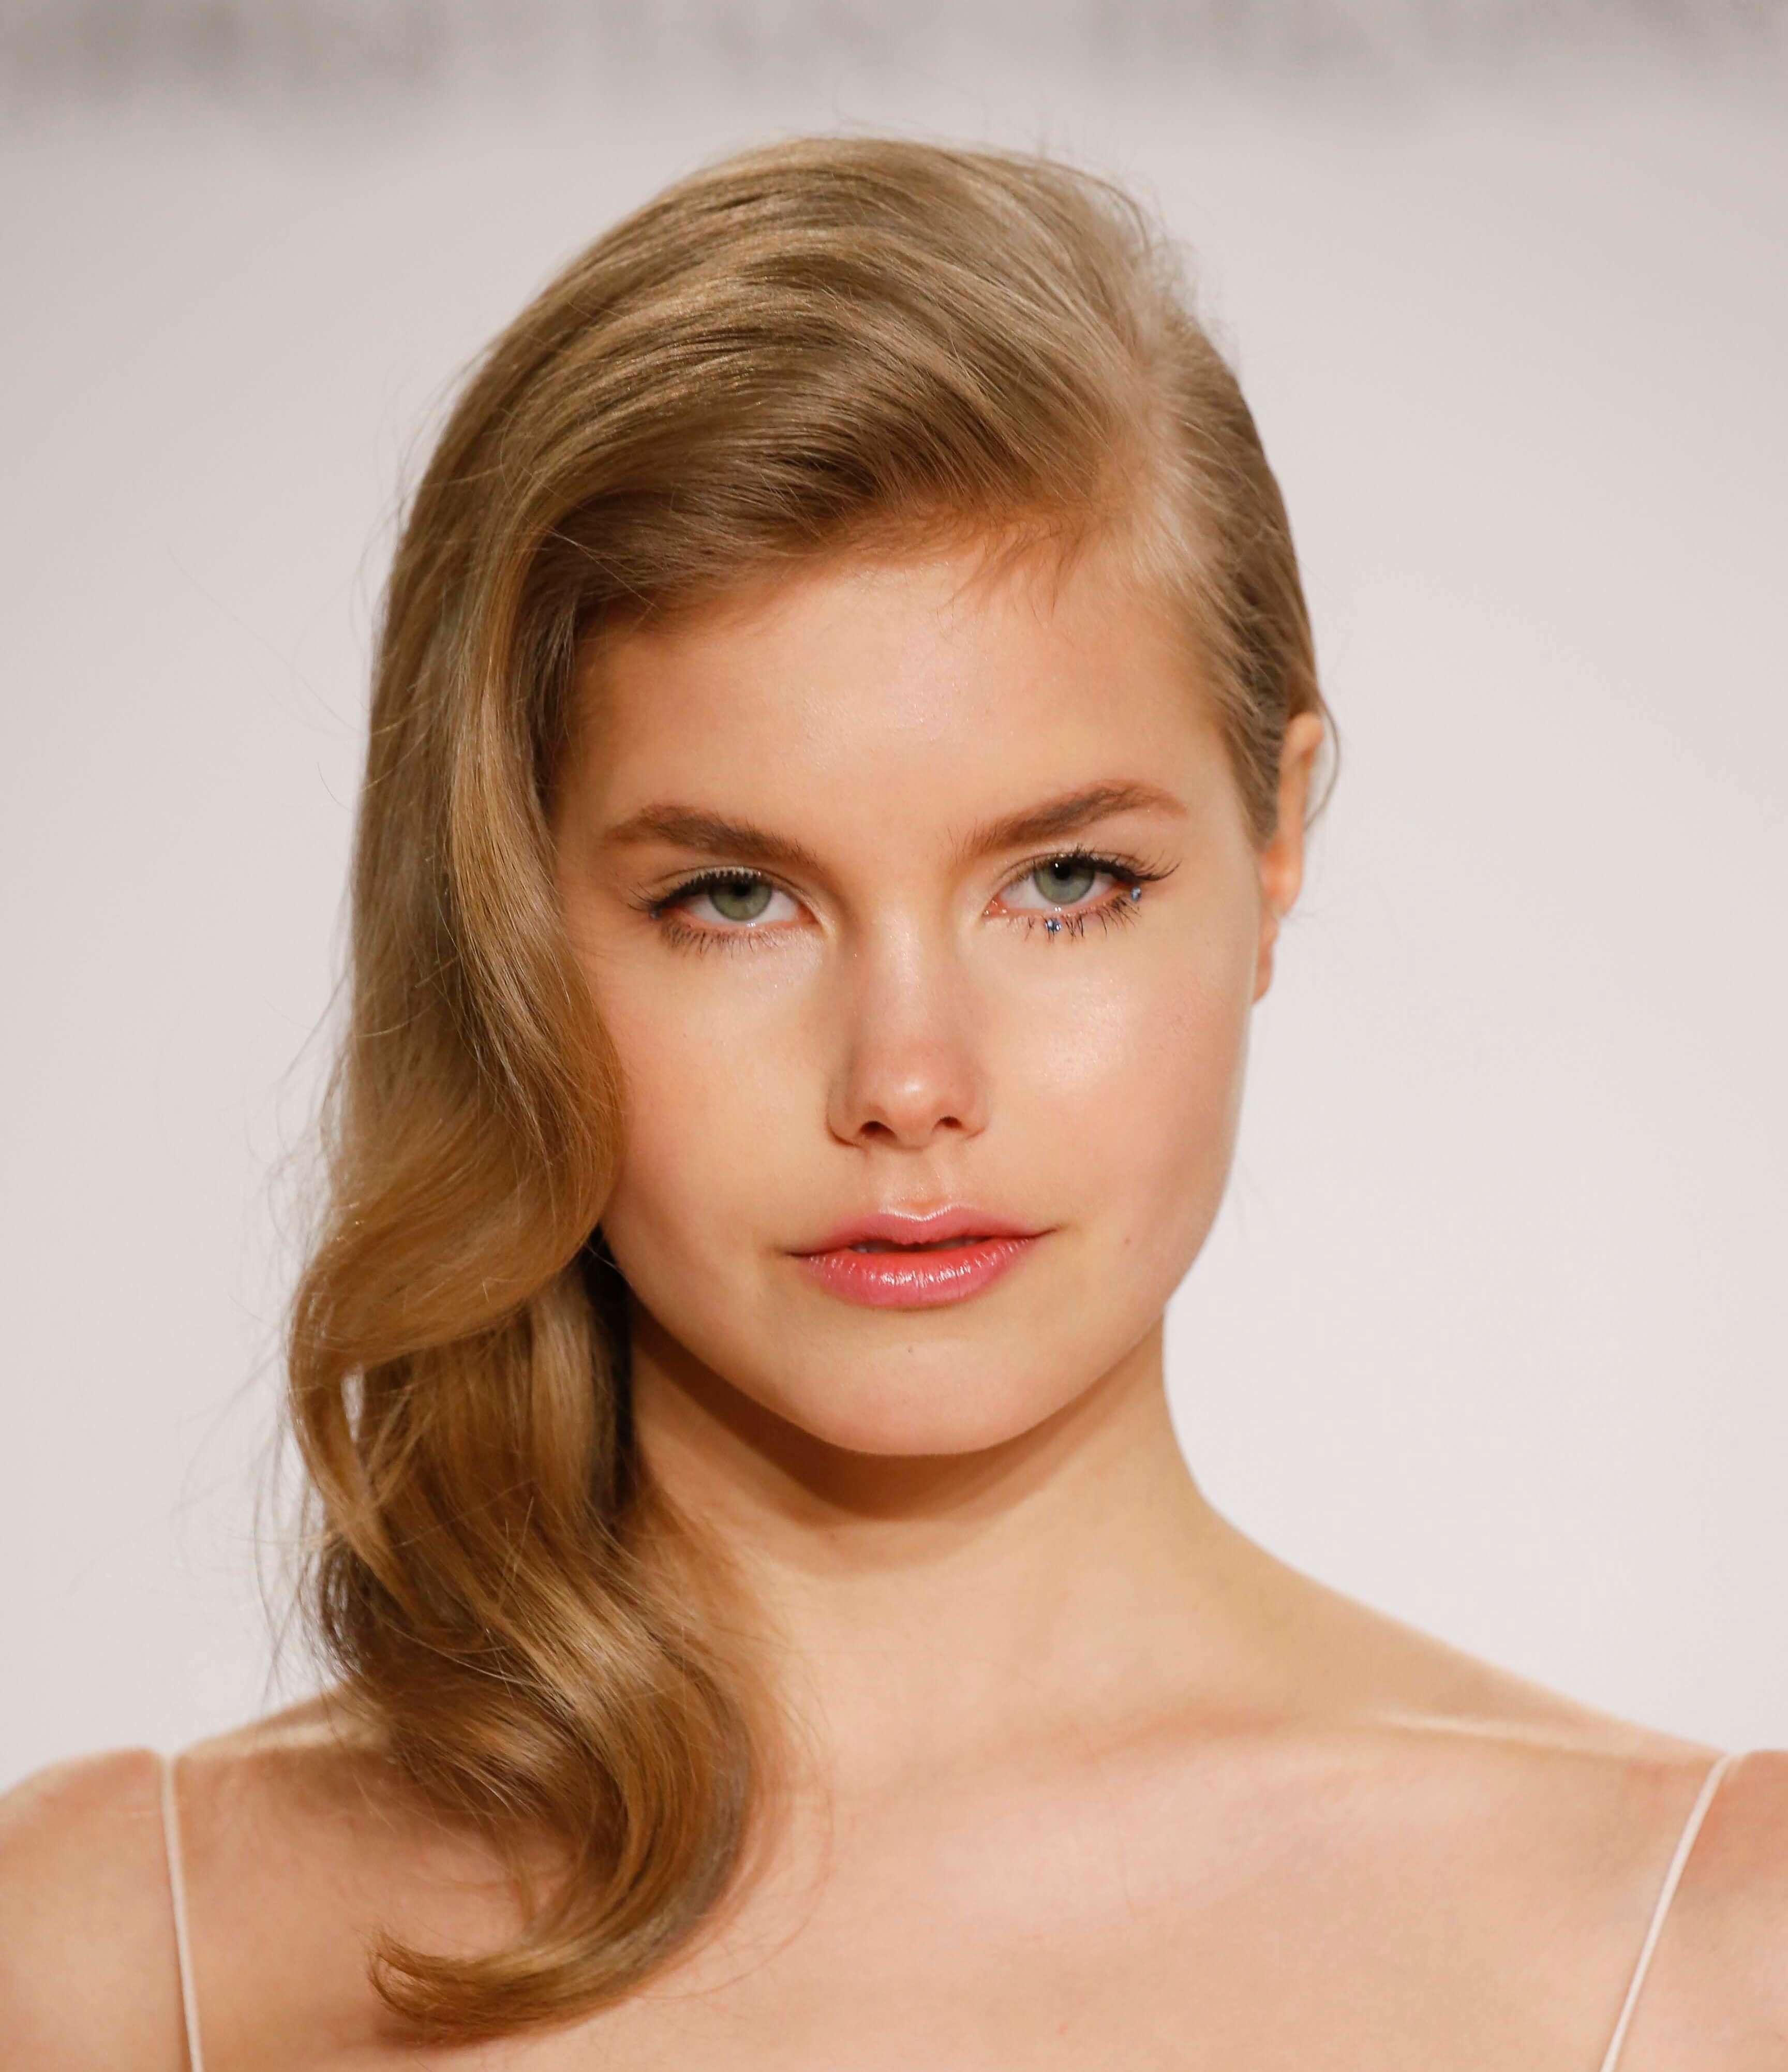 les meilleures coiffures pour les visages ronds : Femme blonde de taille moyenne avec une frange balayée sur le côté